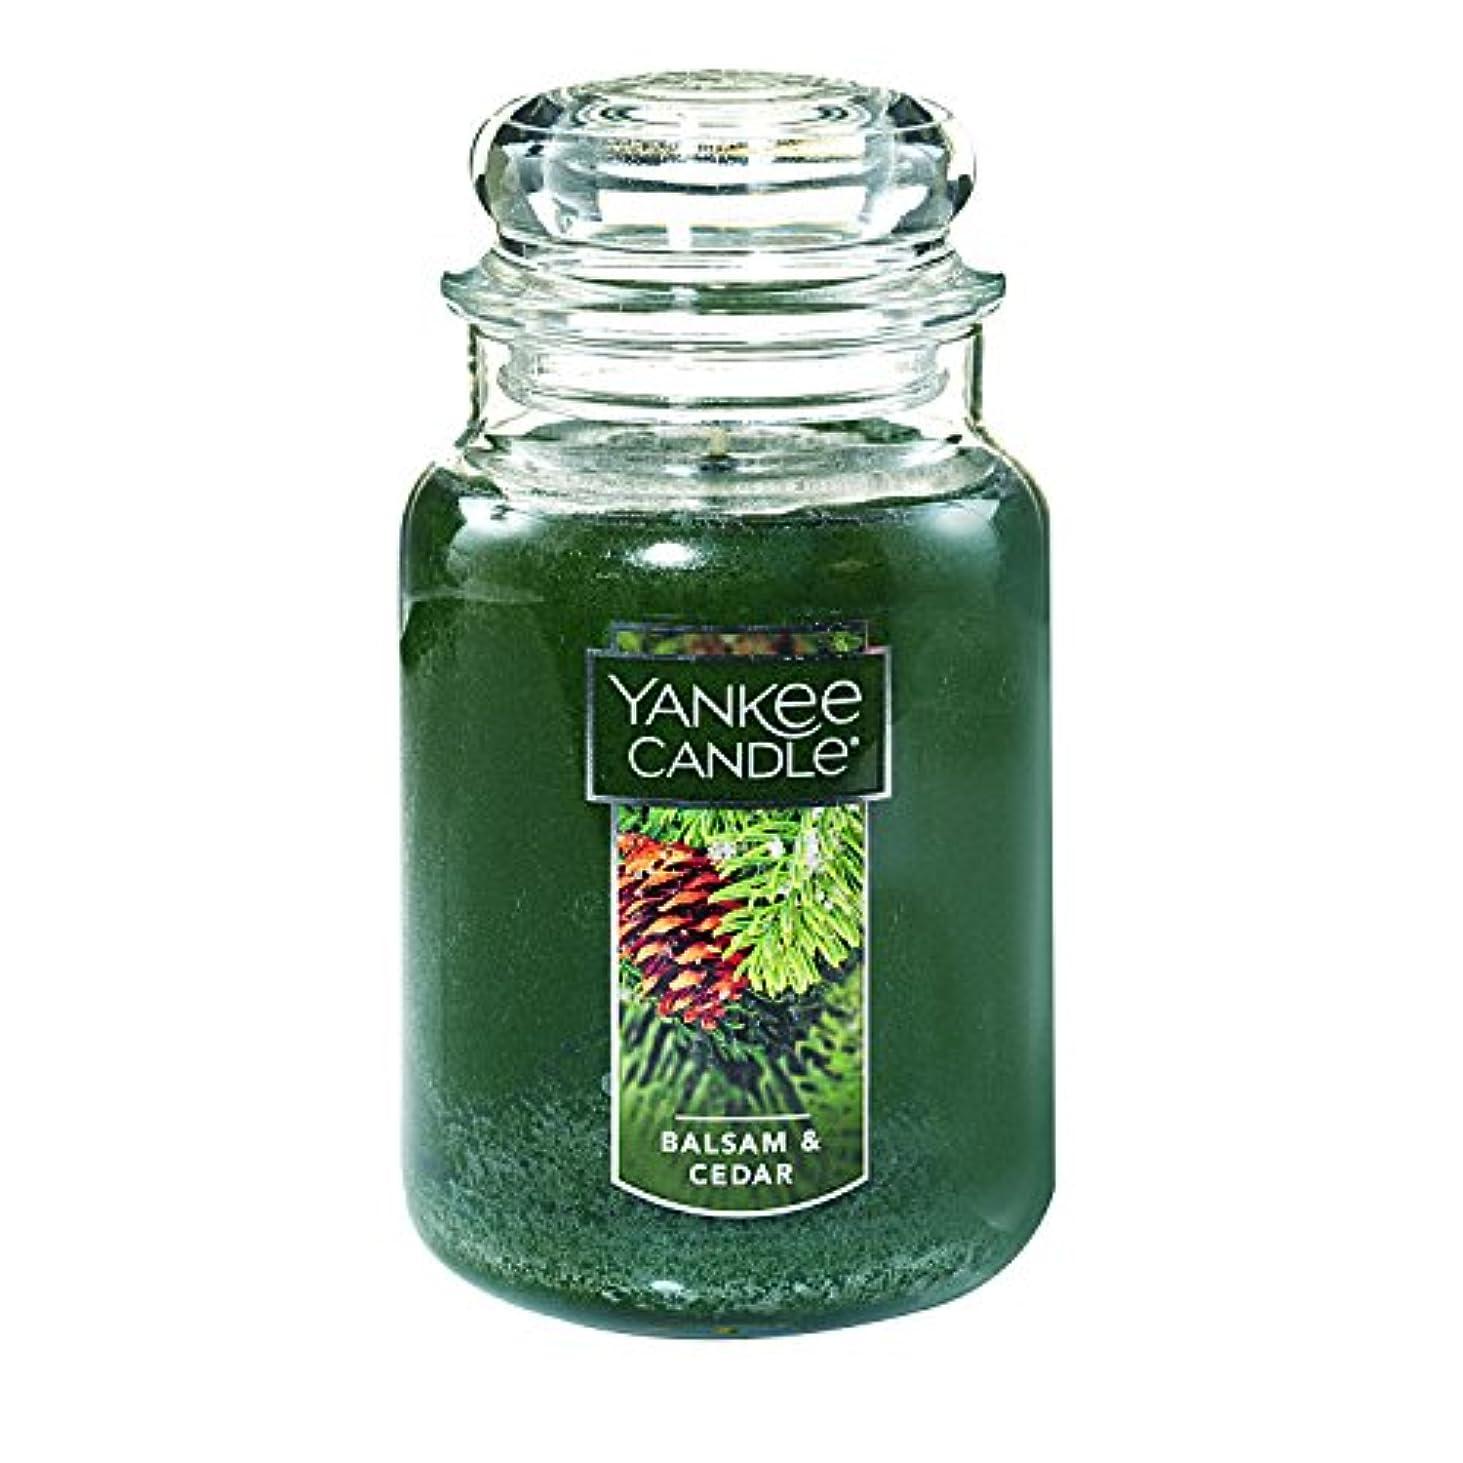 ハングバラエティドラッグ(ヤンキーキャンドル) Yankee Candle ラージ 22オンス ジャーキャンドル バルサム&シダー Large Jar Candle グリーン 1062314